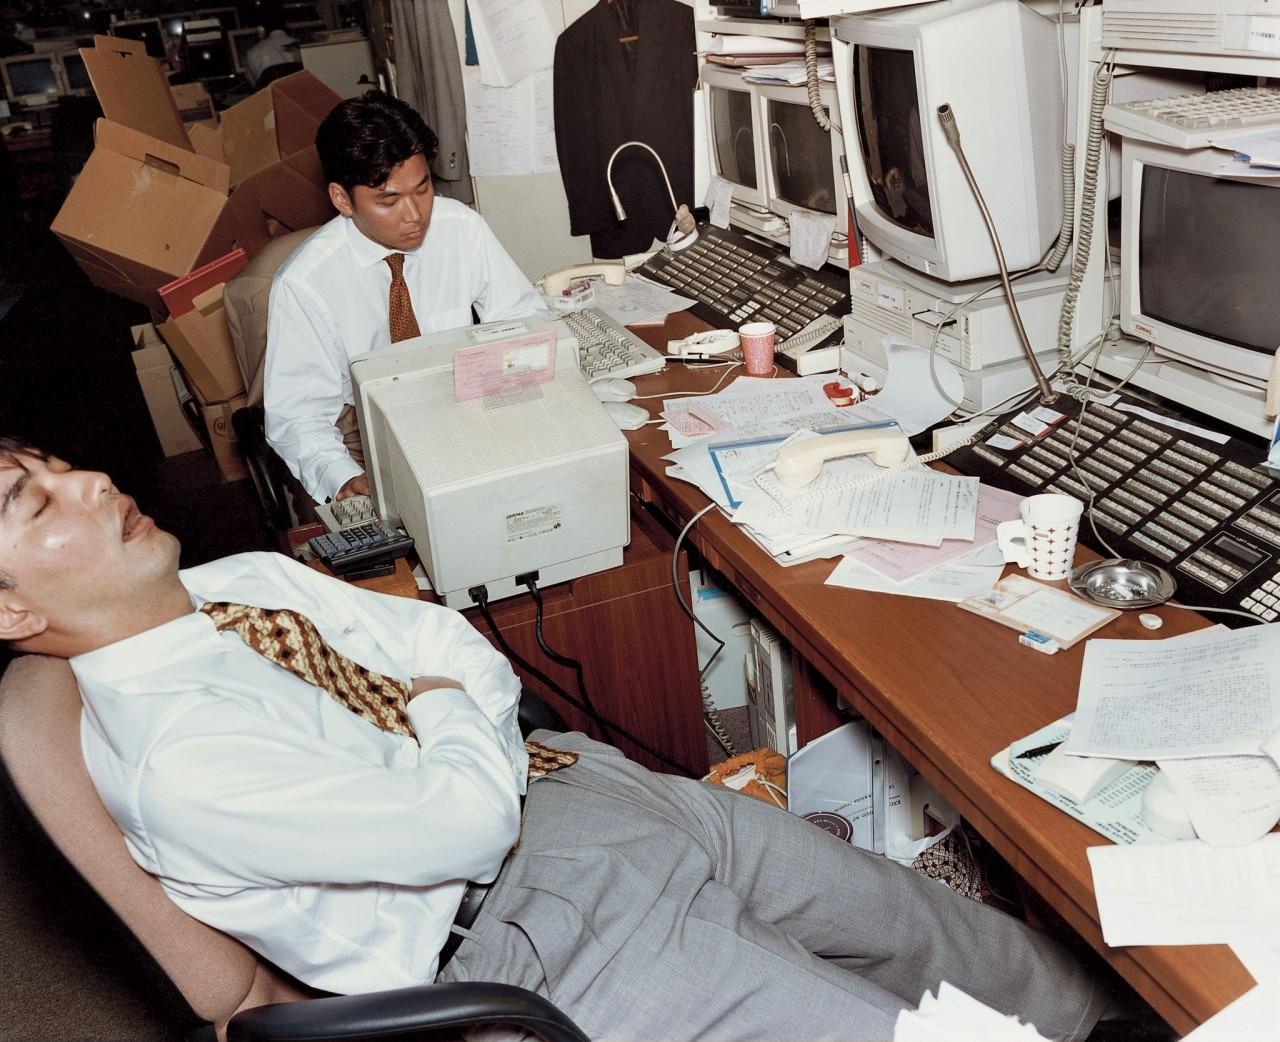 Из серии «Офис». Япония, 1990-е. Фотограф Ларс Тунбьёрк